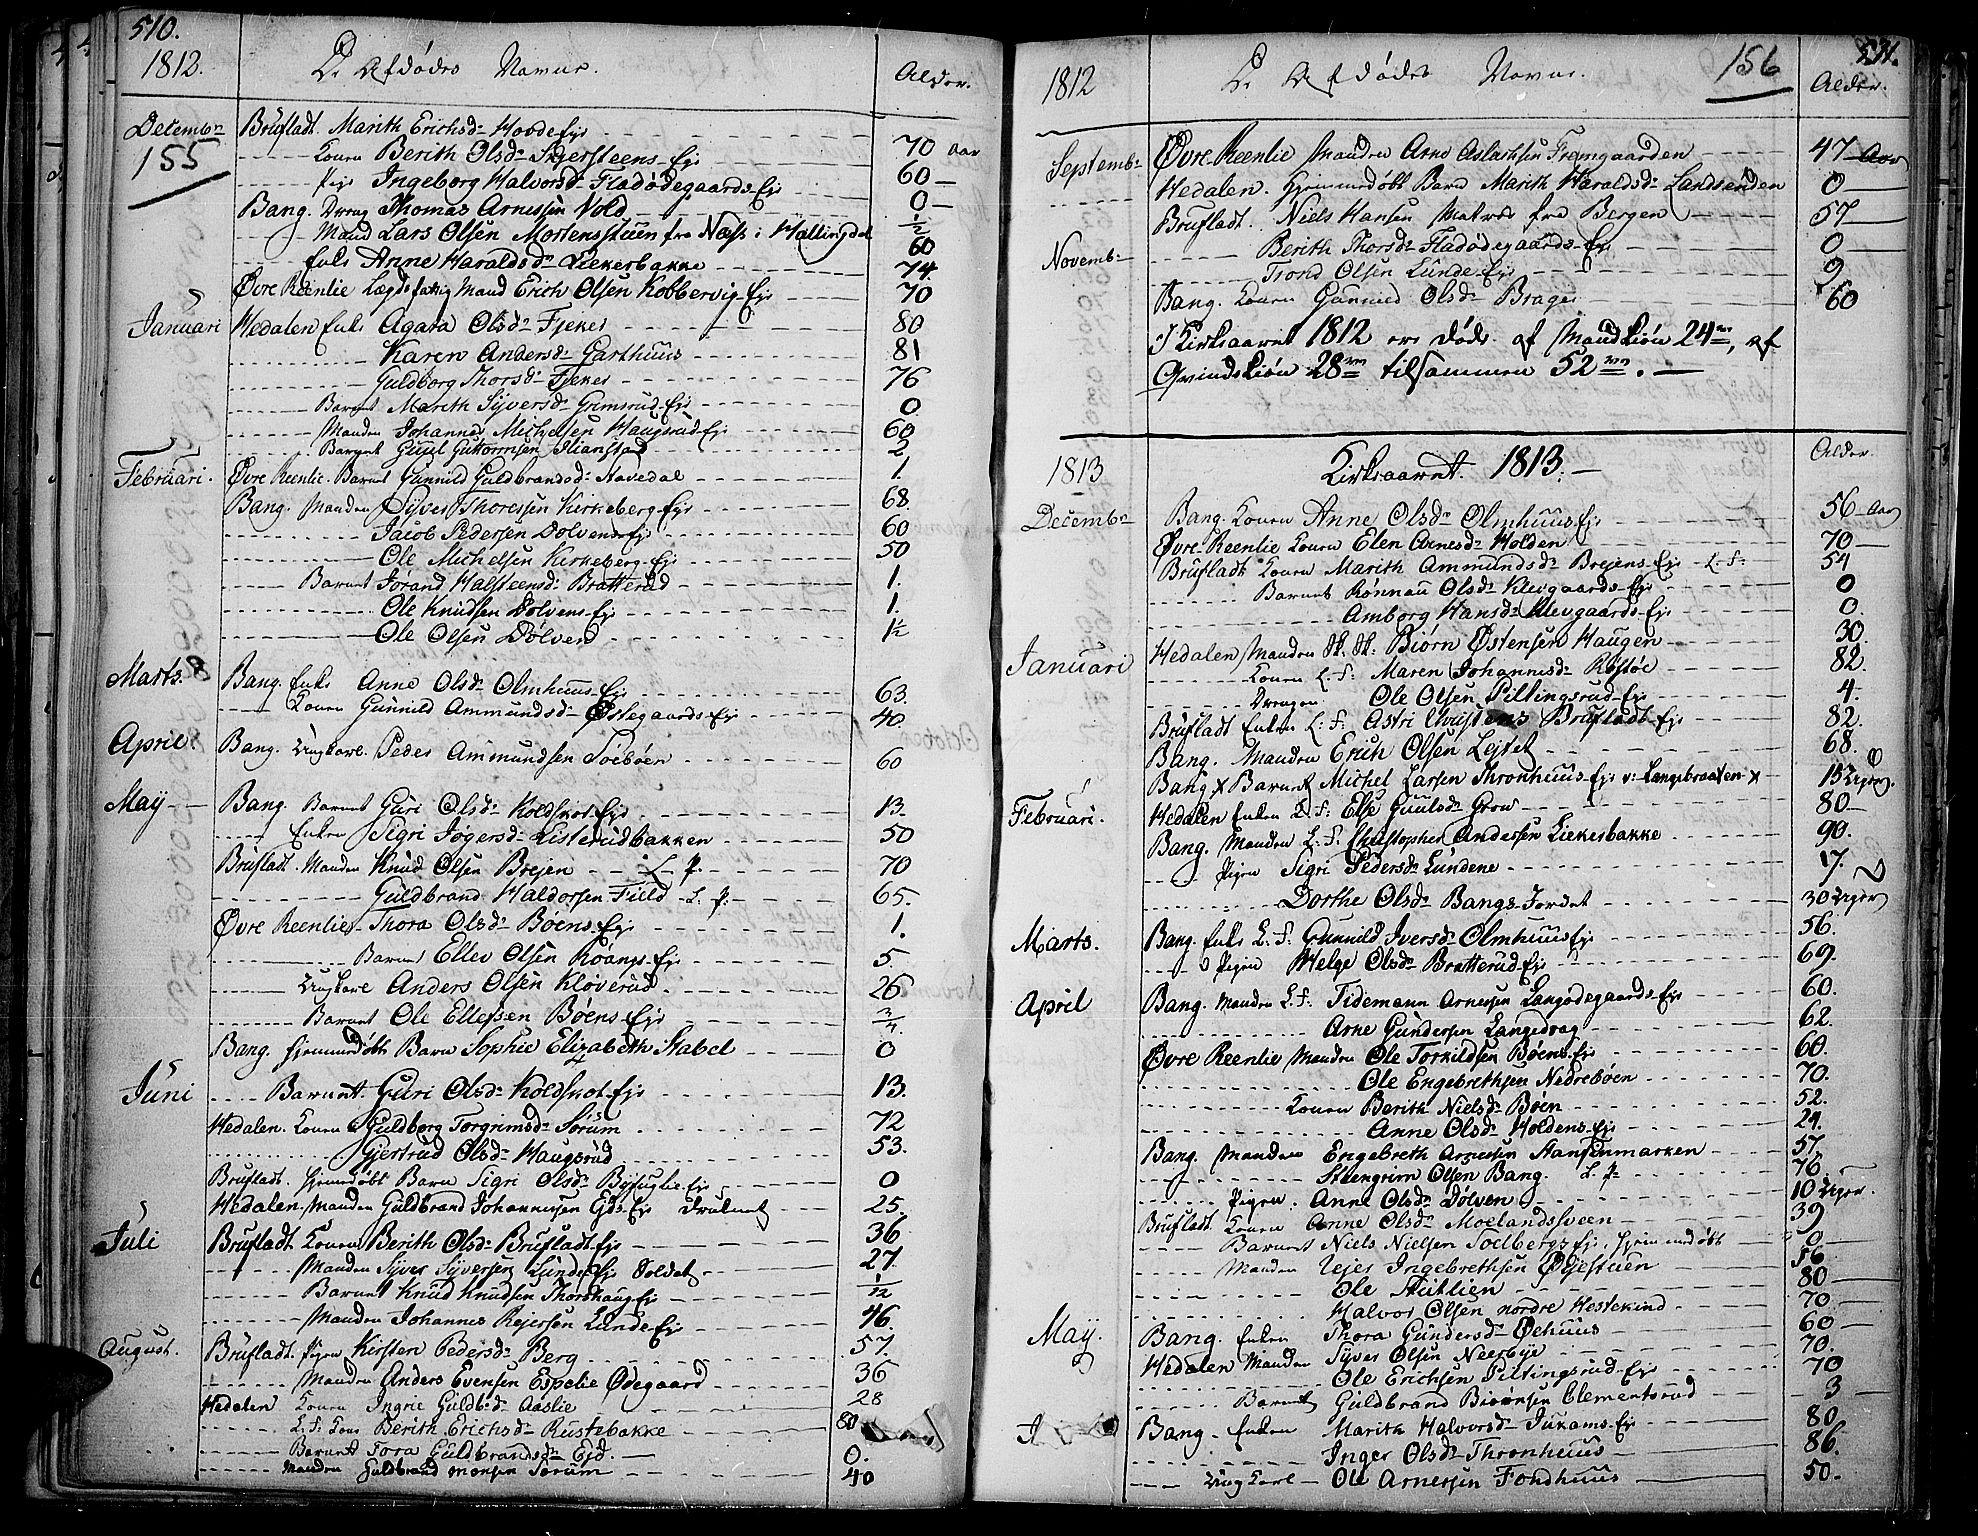 SAH, Sør-Aurdal prestekontor, Ministerialbok nr. 1, 1807-1815, s. 155-156